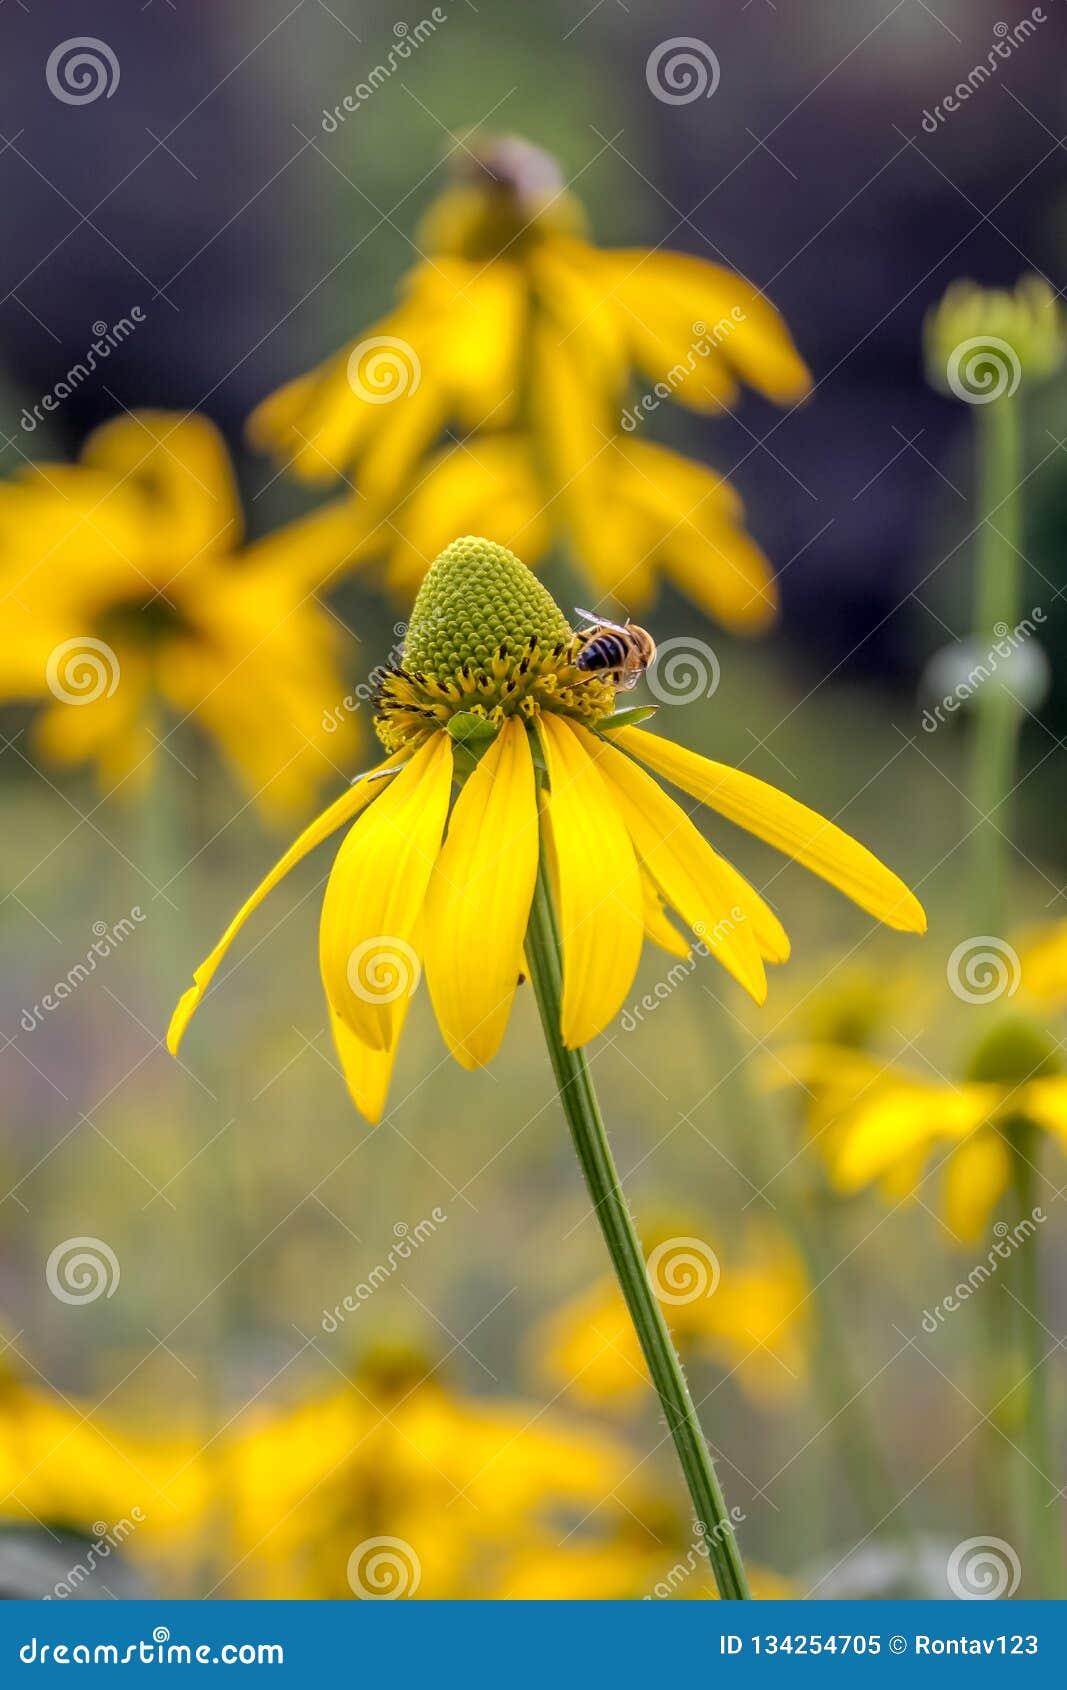 Abschluss hirta der Rudbeckia irischer Augen Rudbekia 'oben und eine Biene